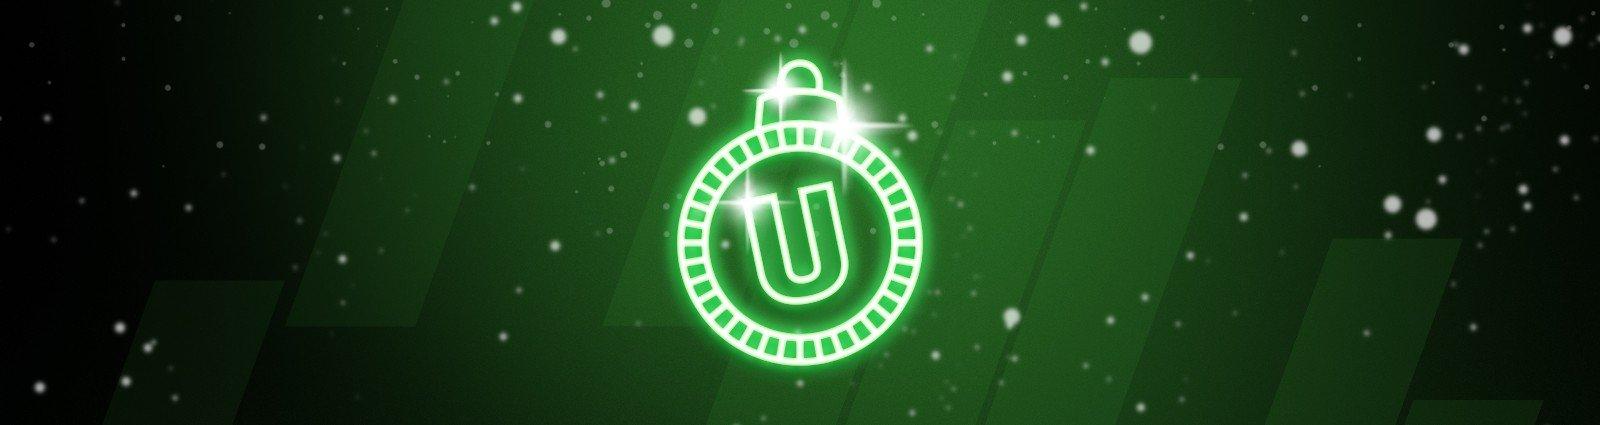 Juleaften bonus til dit spil juleaftensdag på Unibet